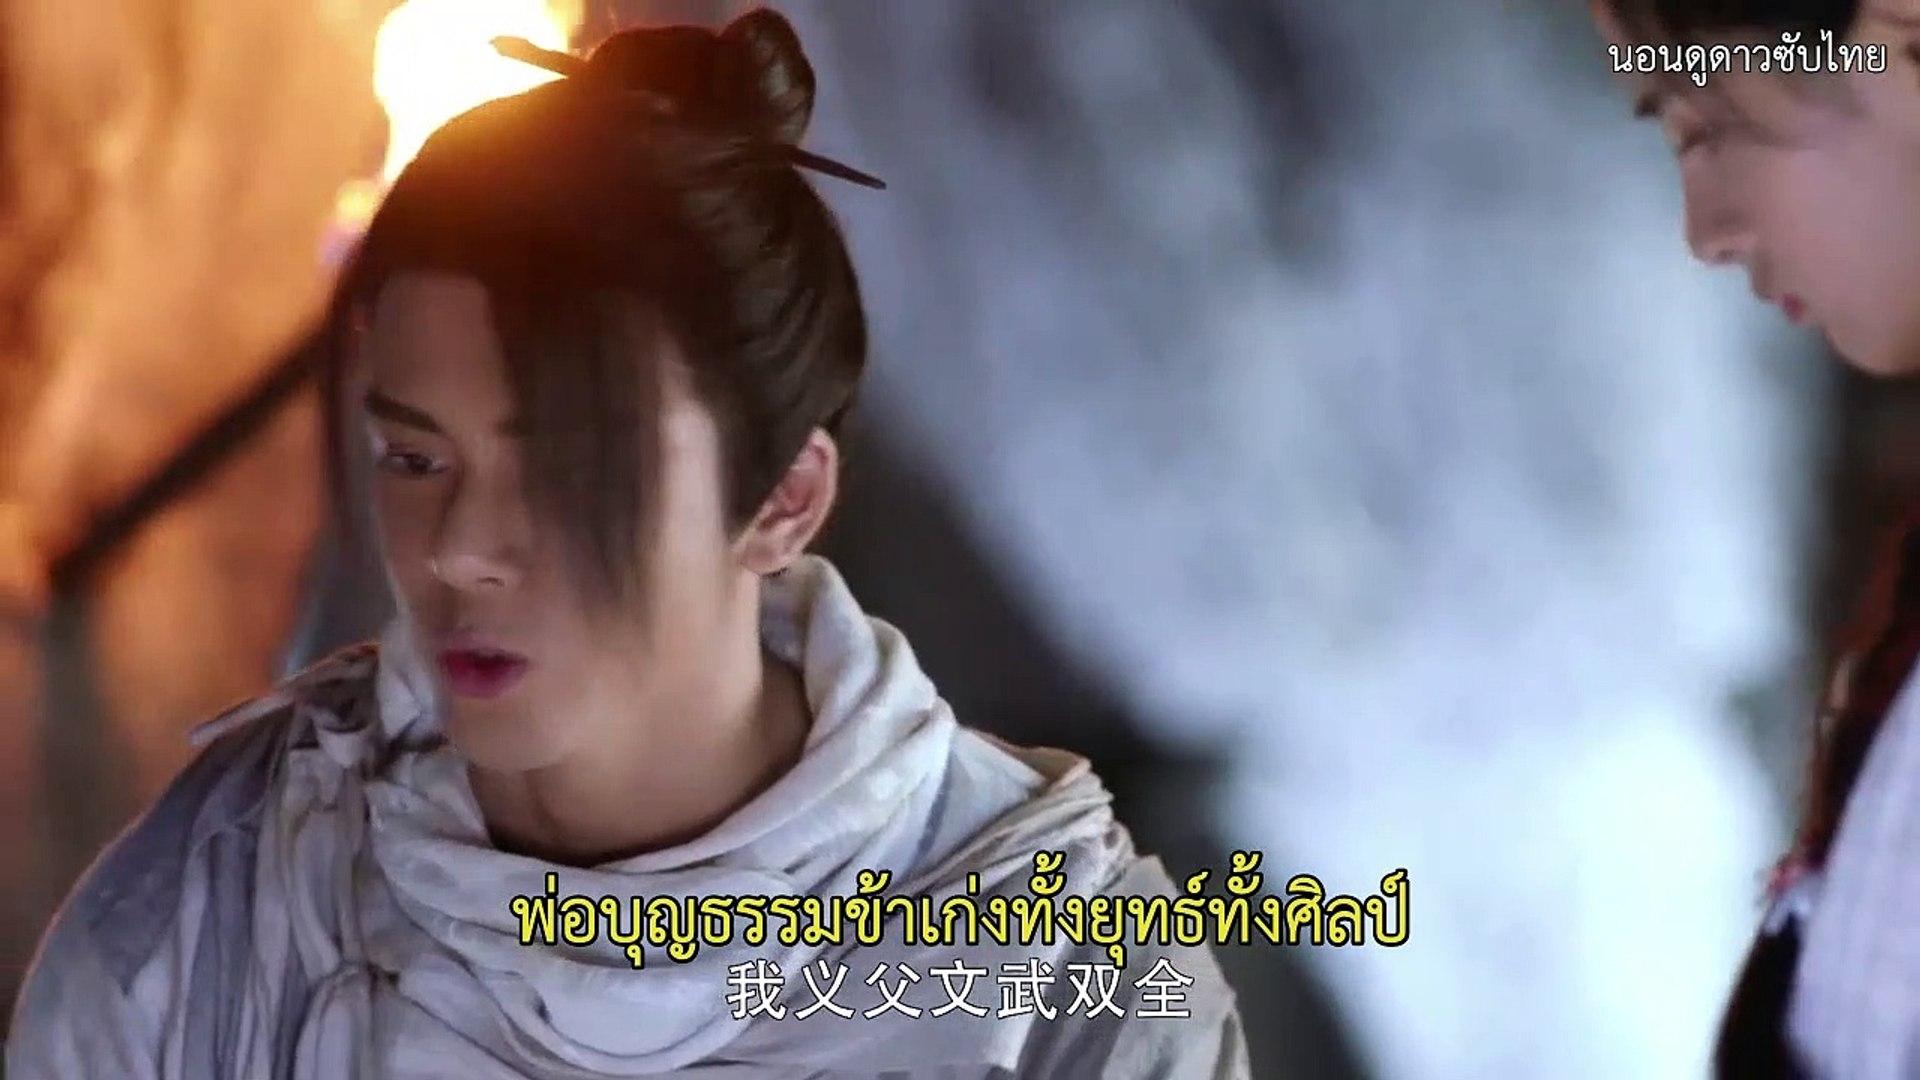 ดาบมังกรหยก2019 ซับไทย ตอนที่ 20